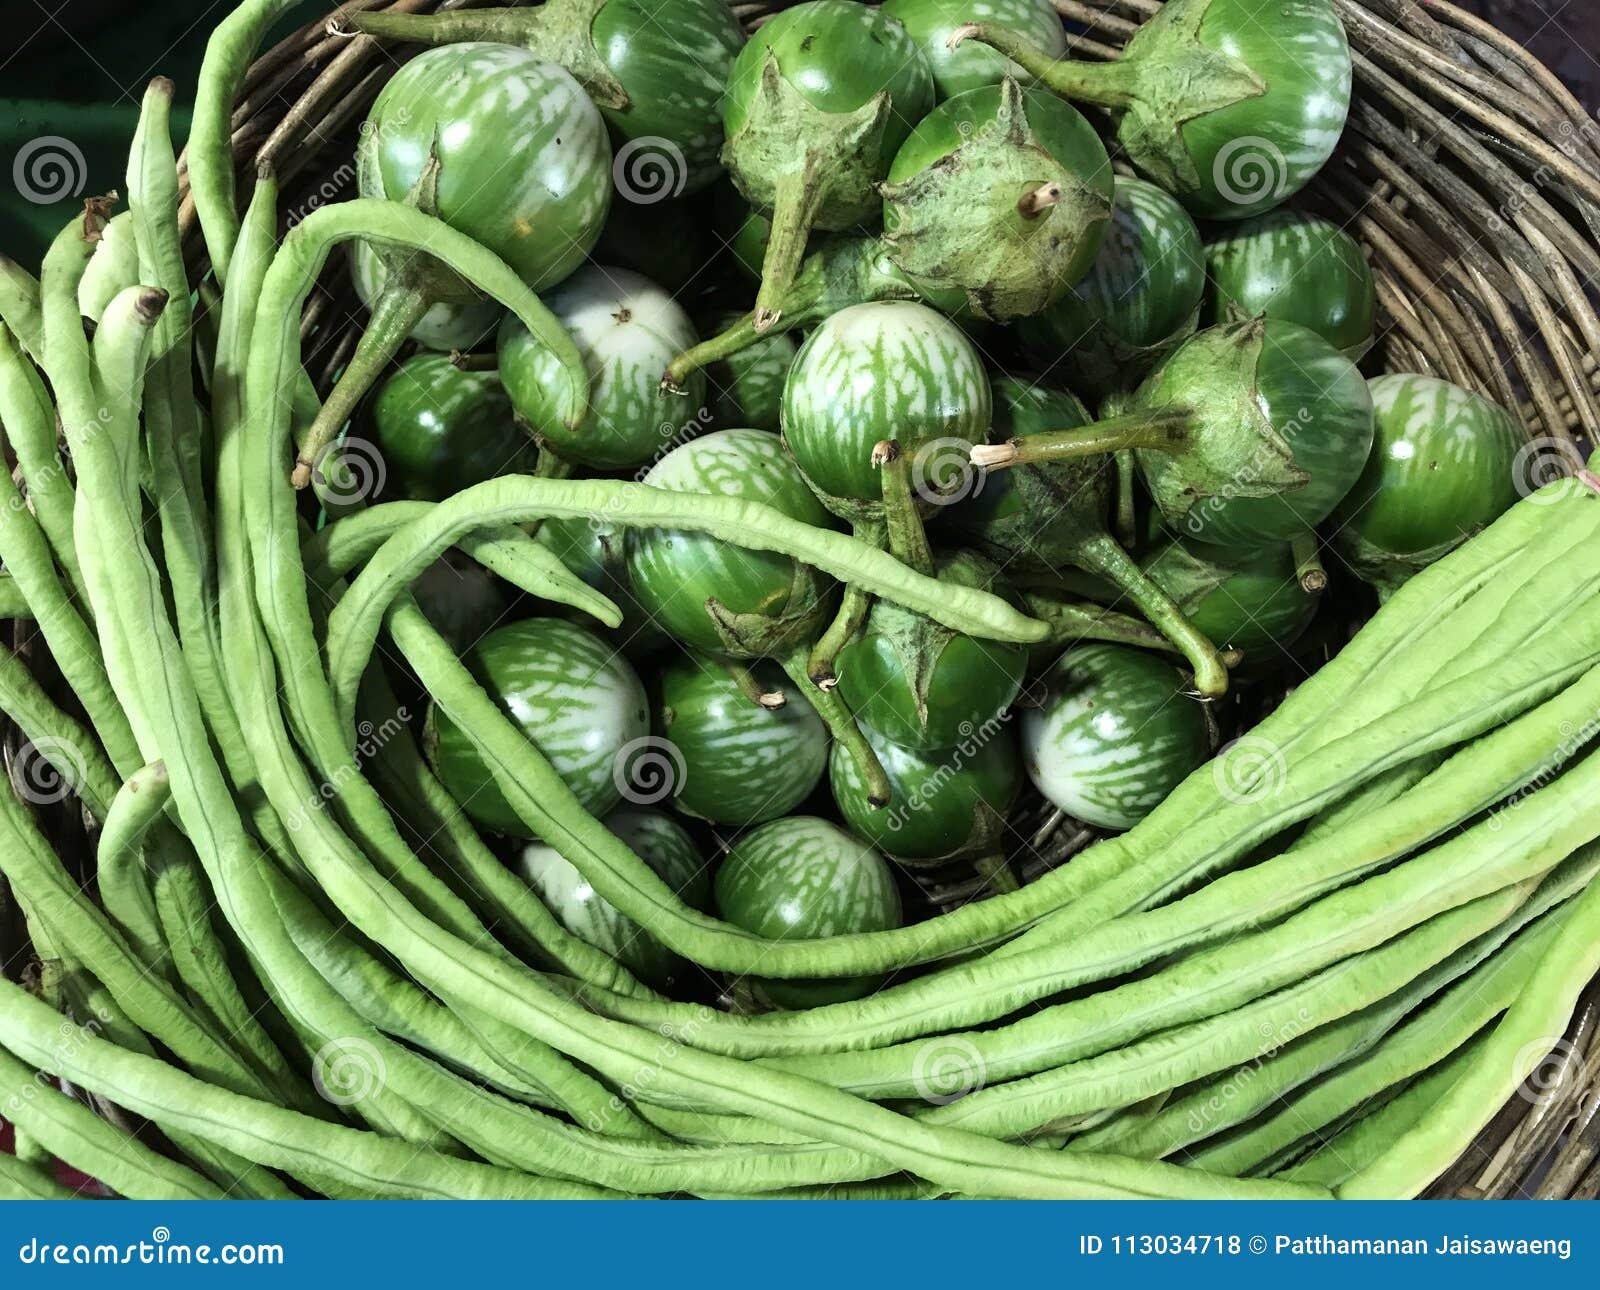 Berenjena y haba larga en cestas de mimbre en el mercado